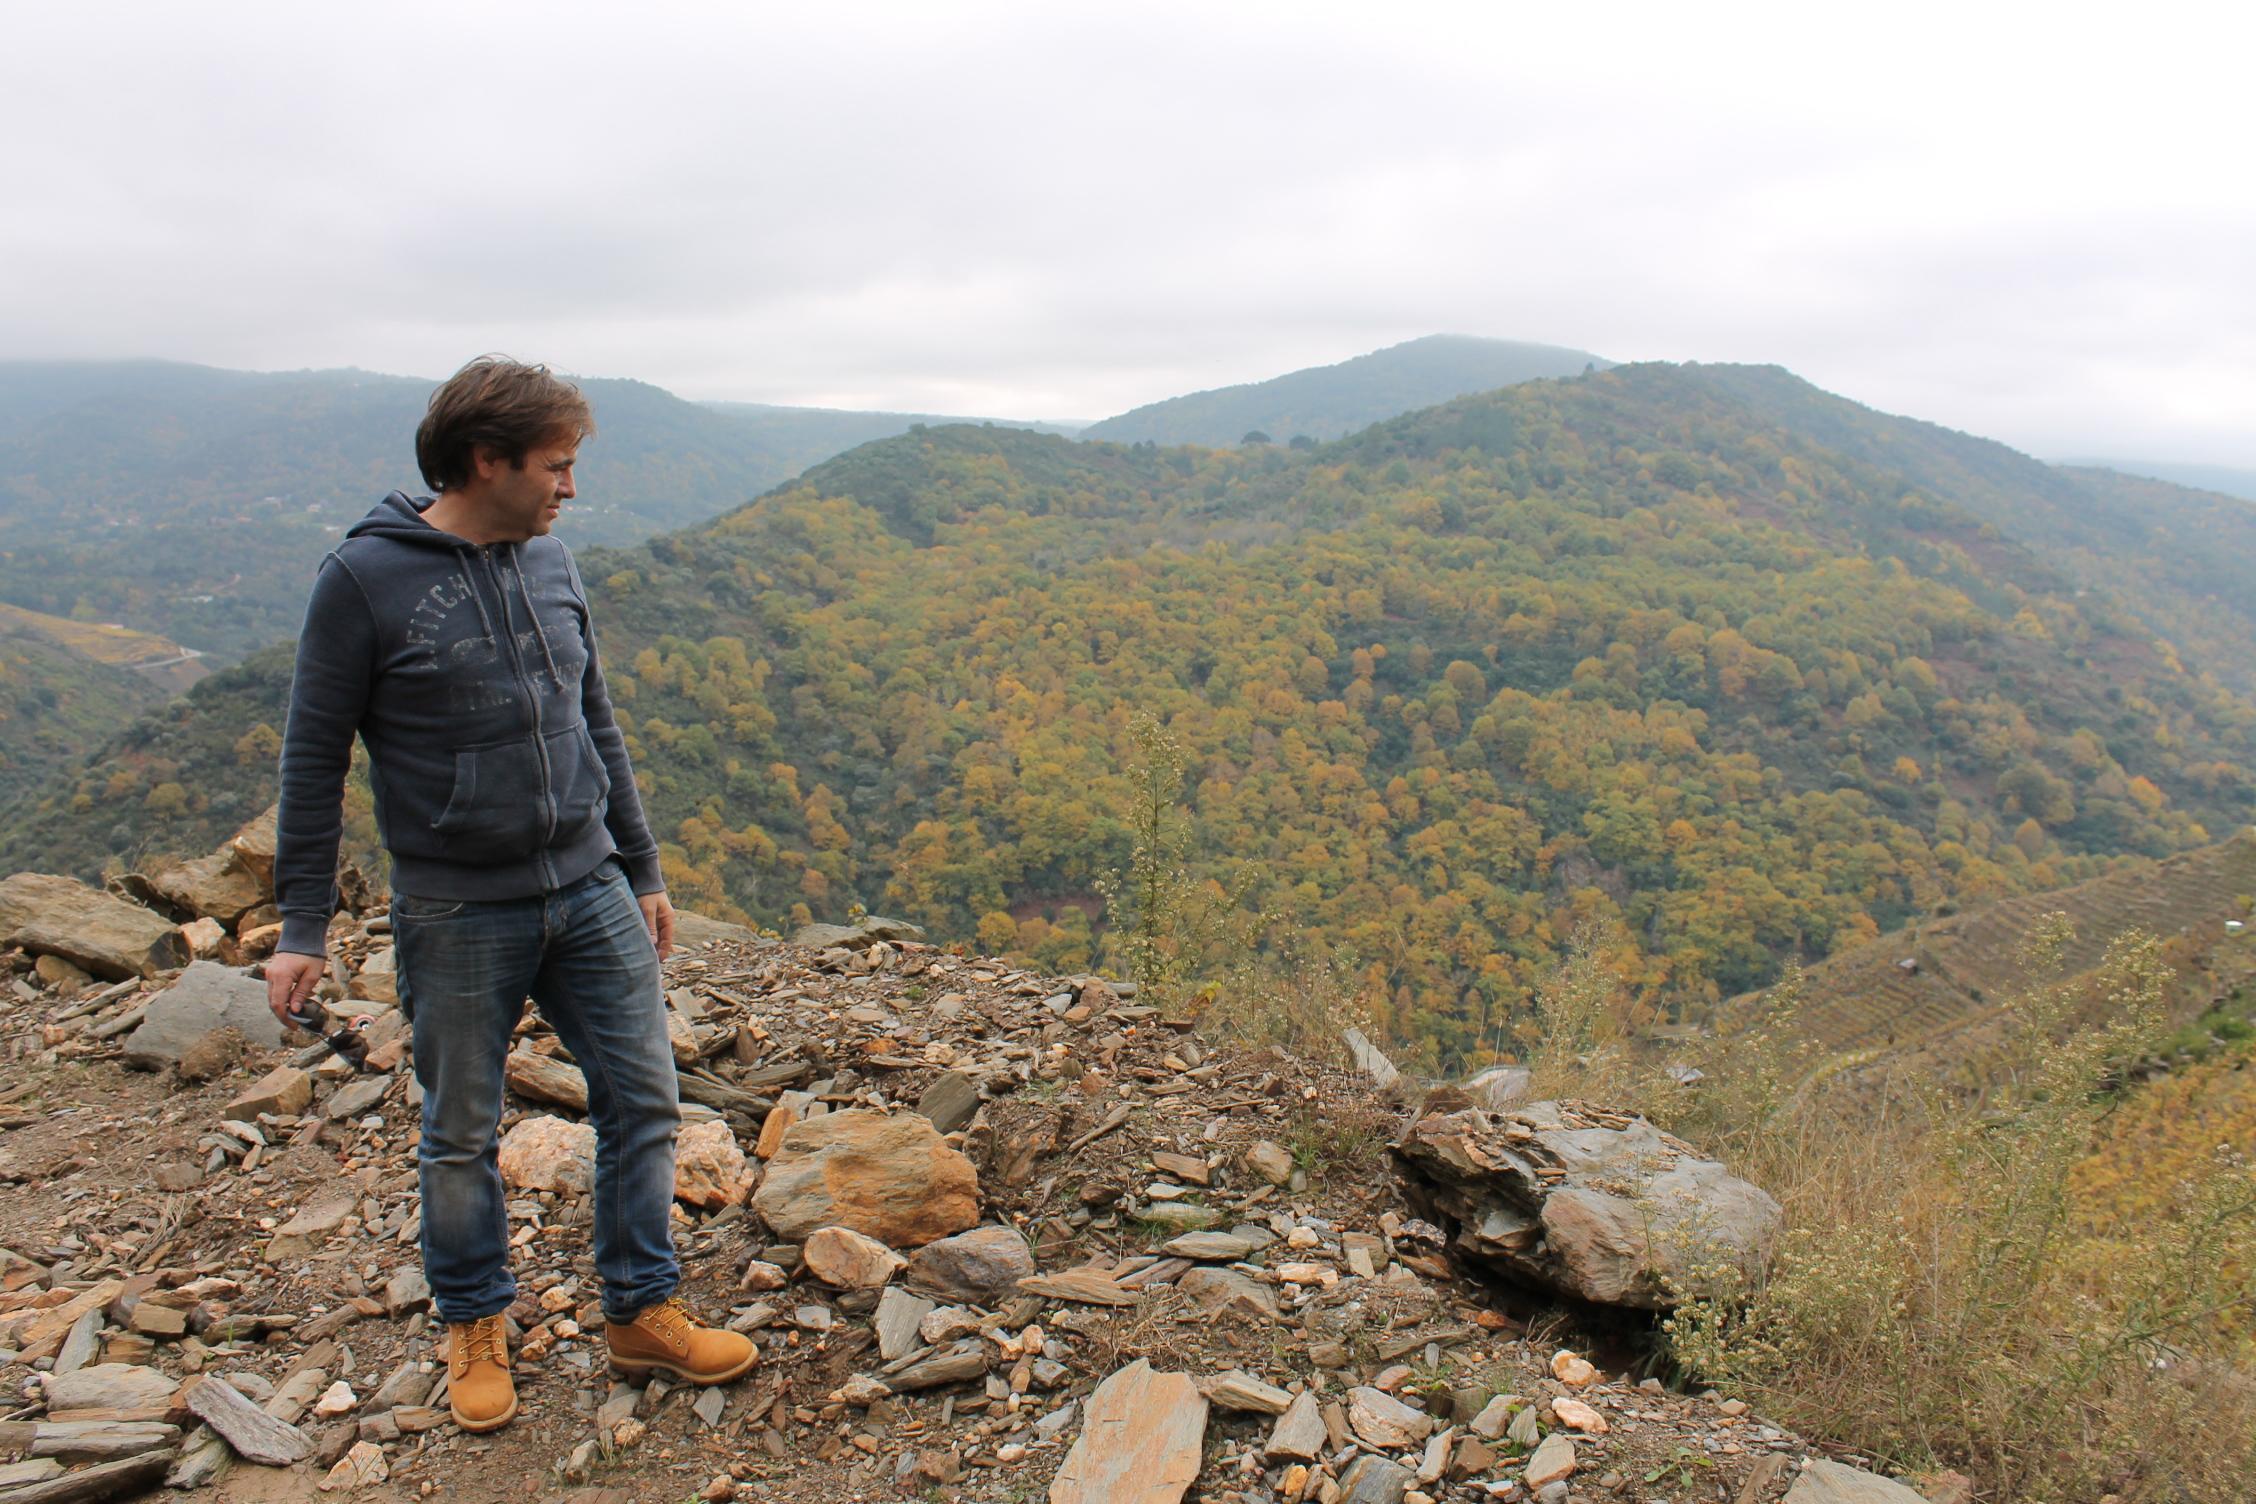 ギマロの作り手 ペドロさんが厳しい目で見降ろす斜面リベイラ・サクラ